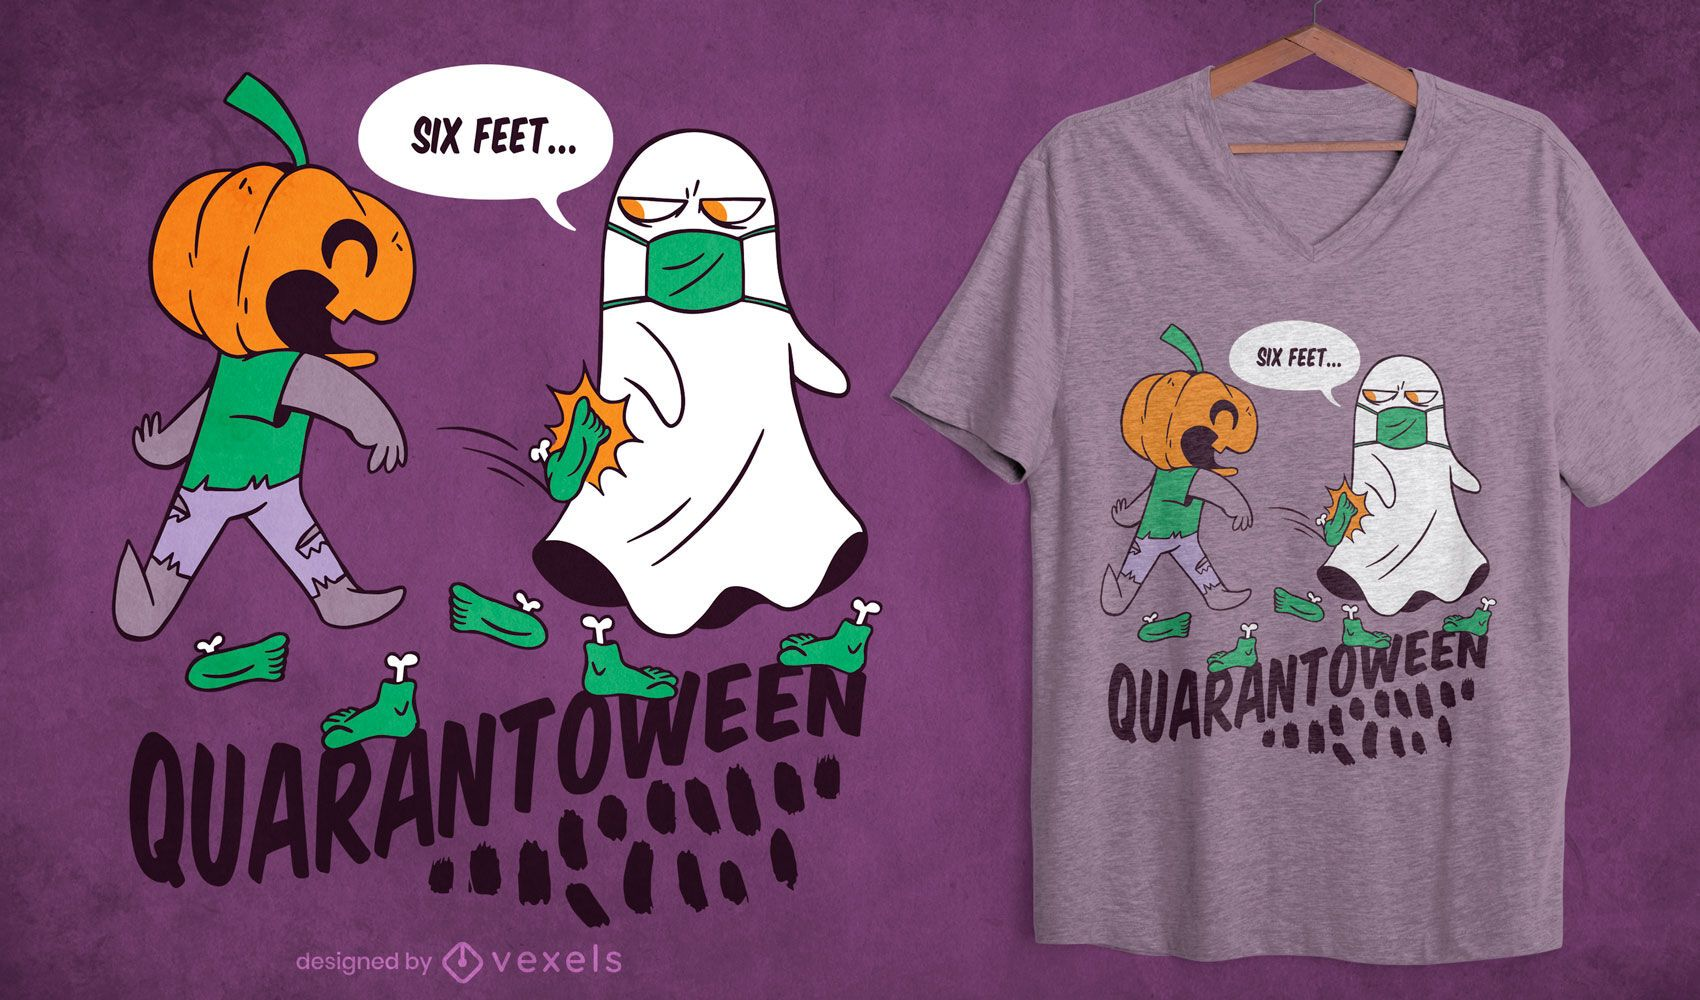 Dise?o de camiseta Quarantoween